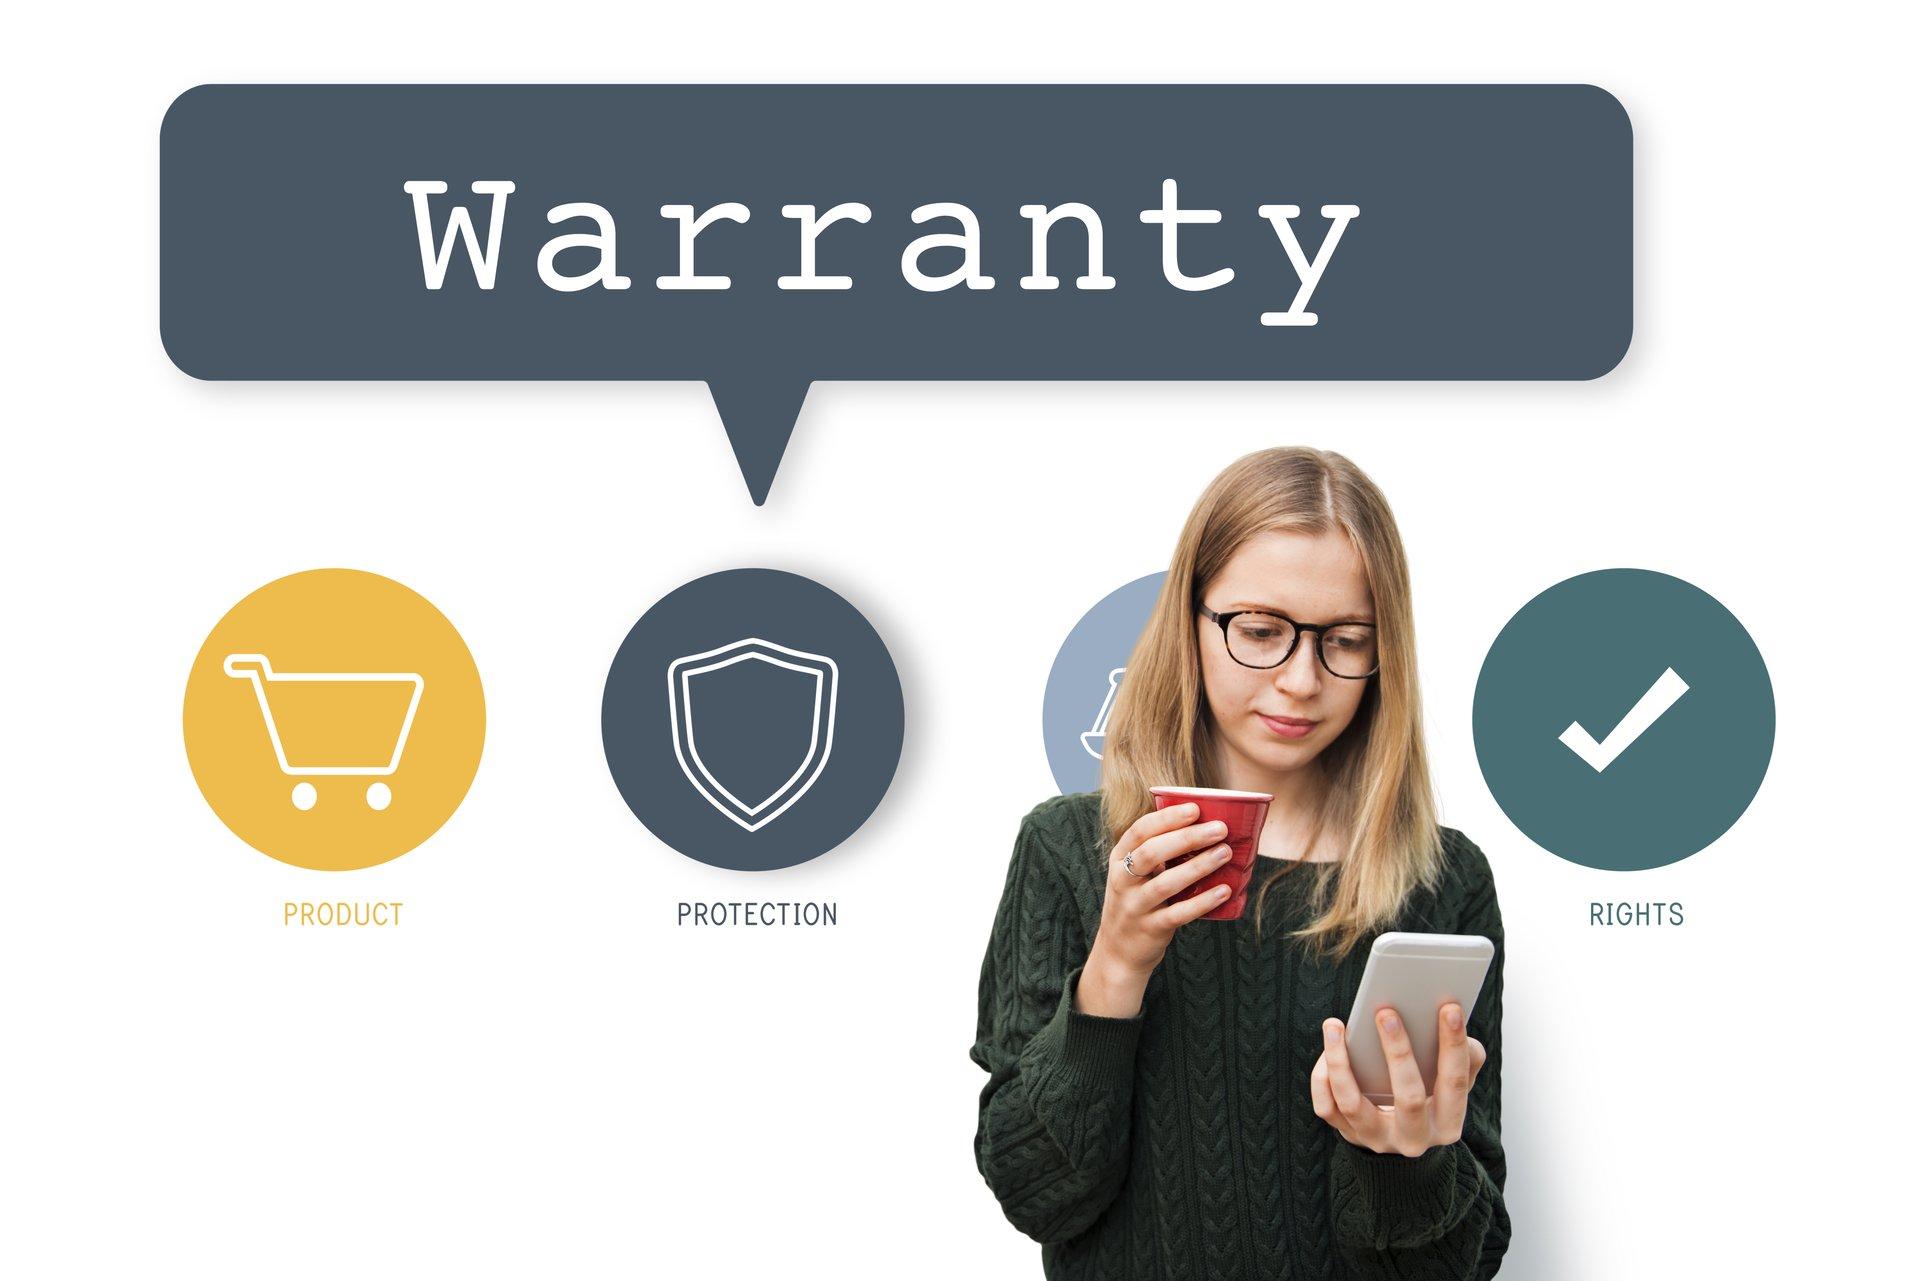 Woman Warranty